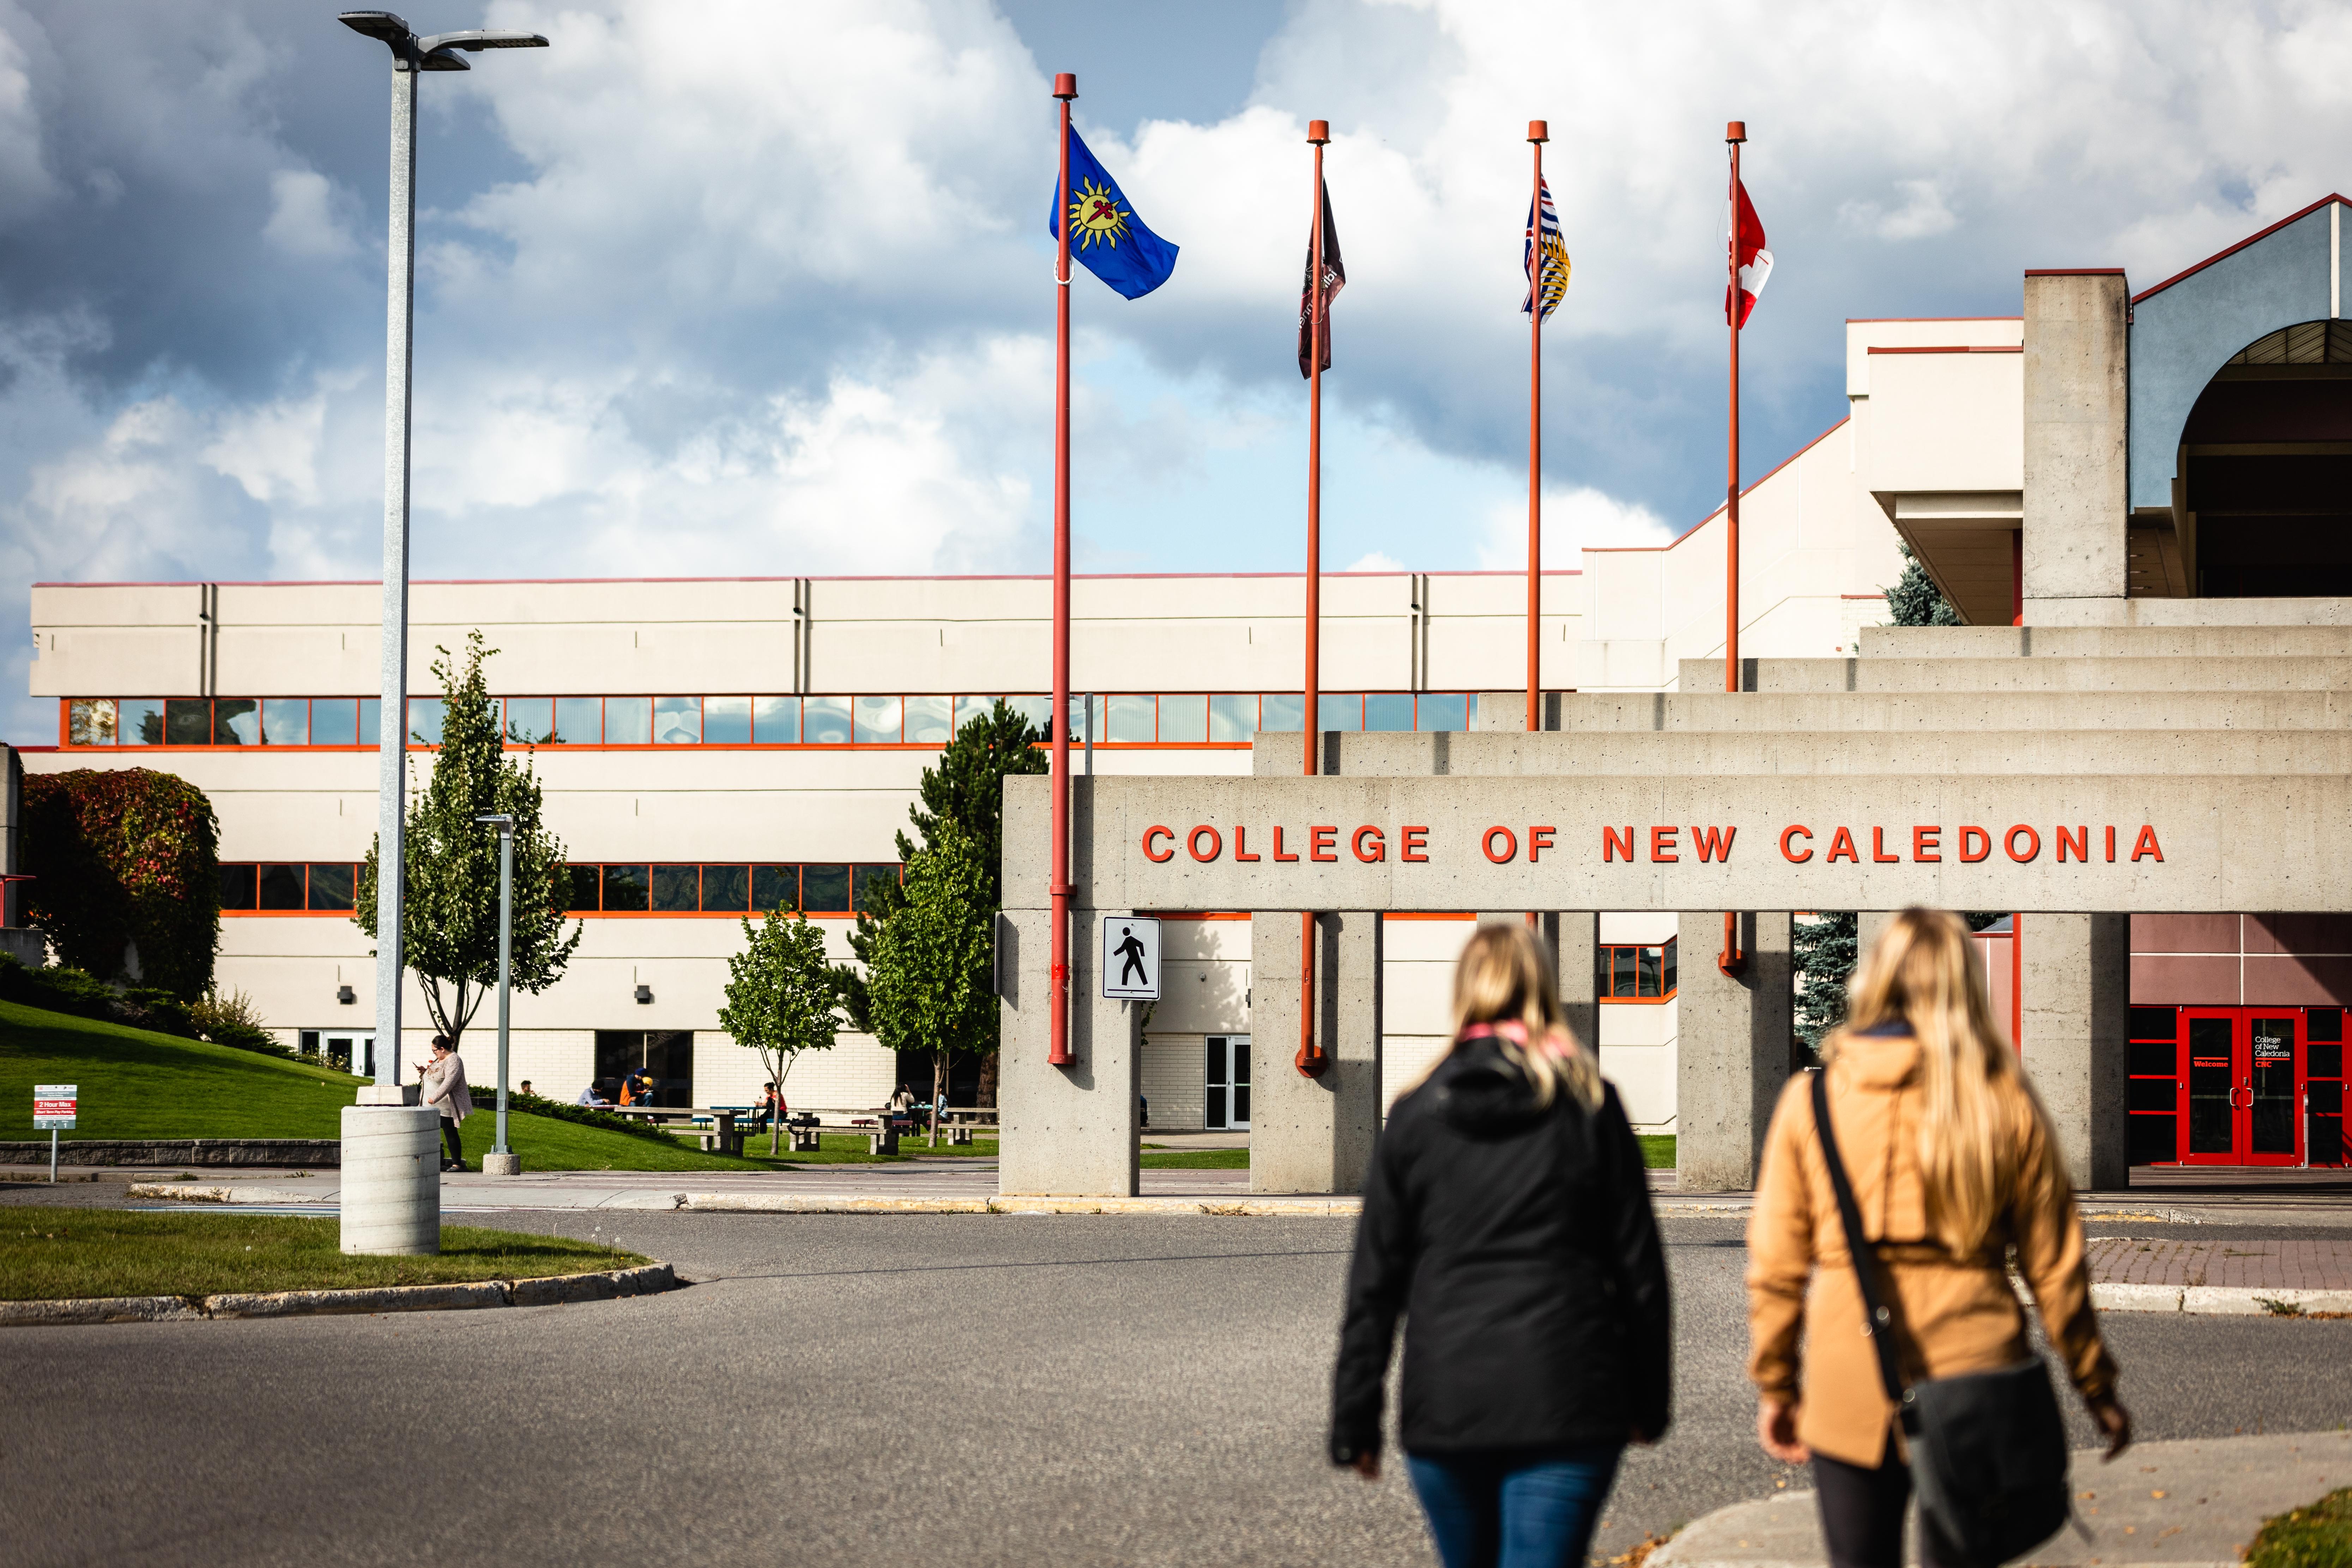 Campus Life PG 12